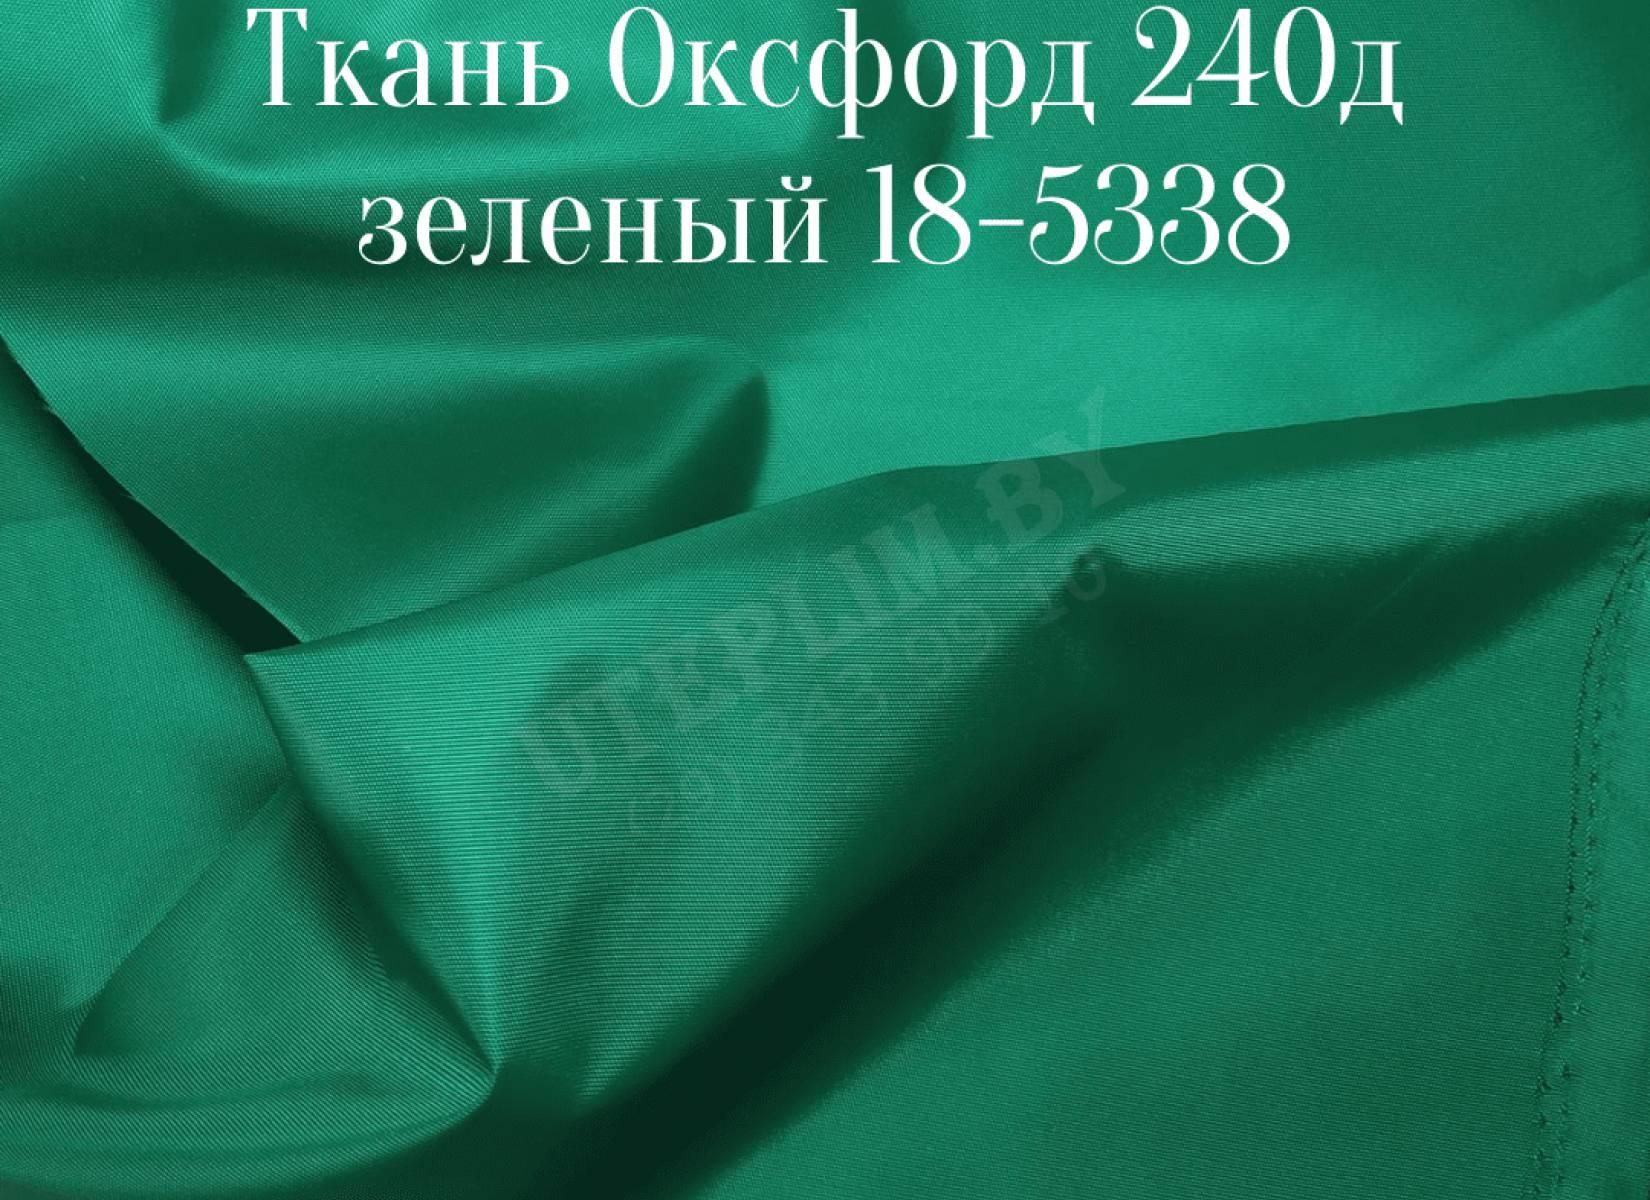 240д - зеленый 18-5338